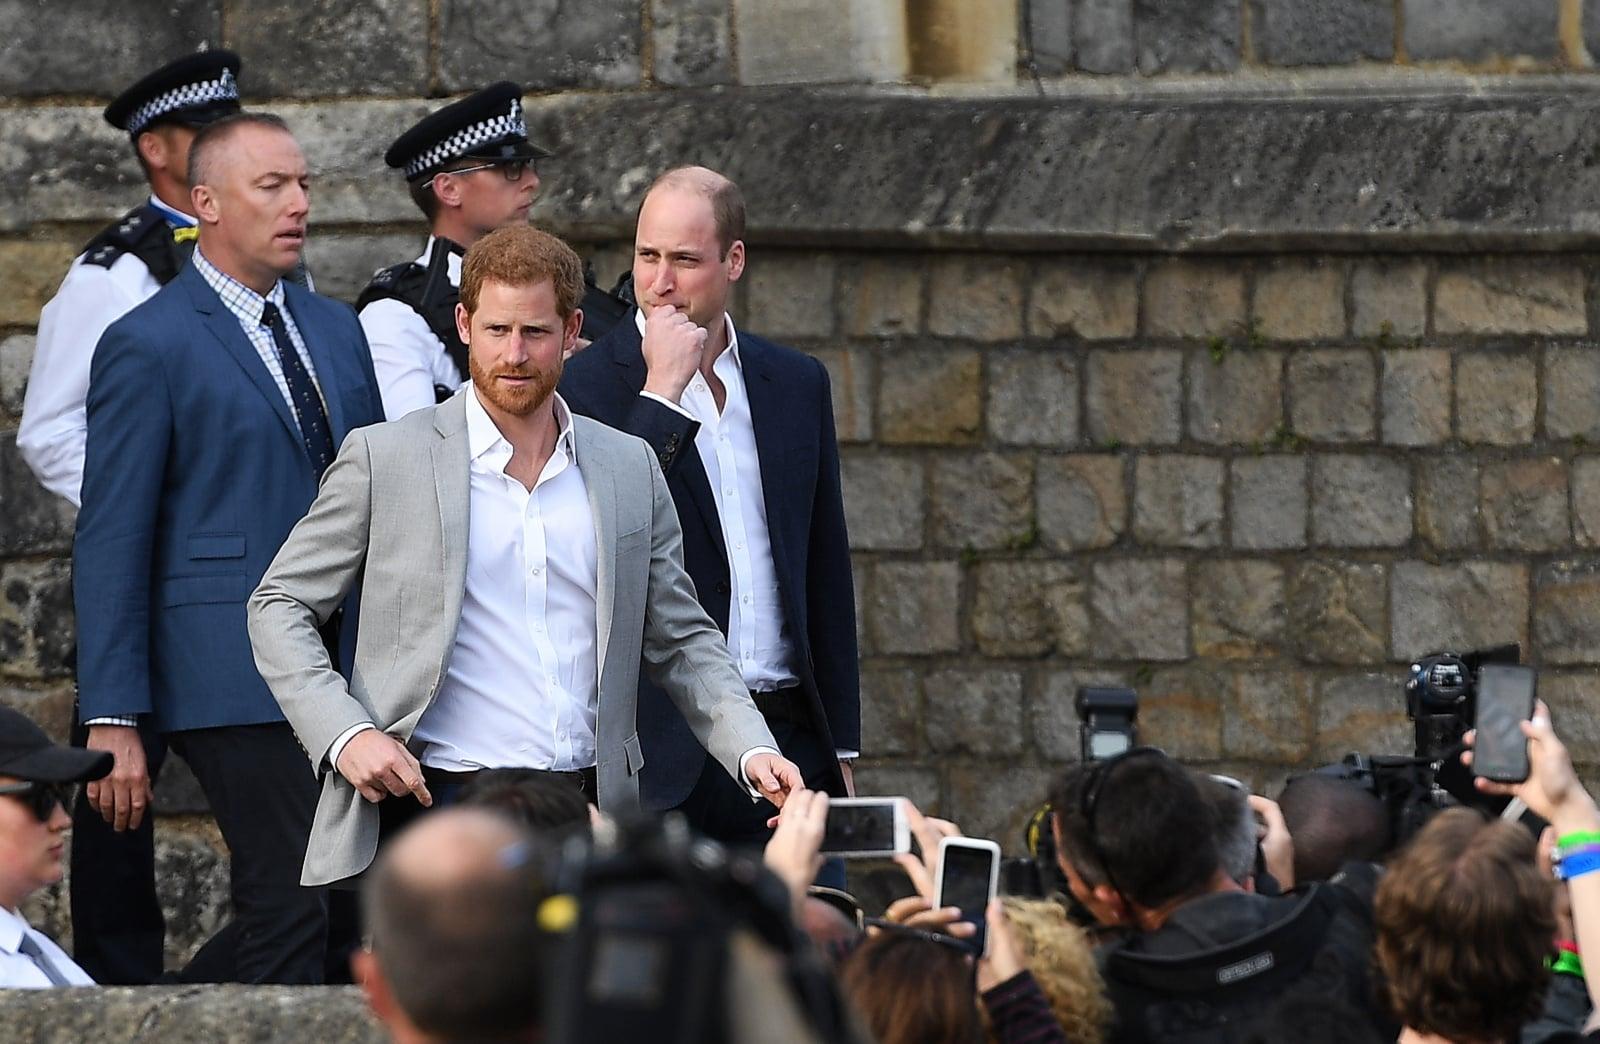 Wielka Brania, Książe Harry przed ślubem spotyka się z Brytyjczykami